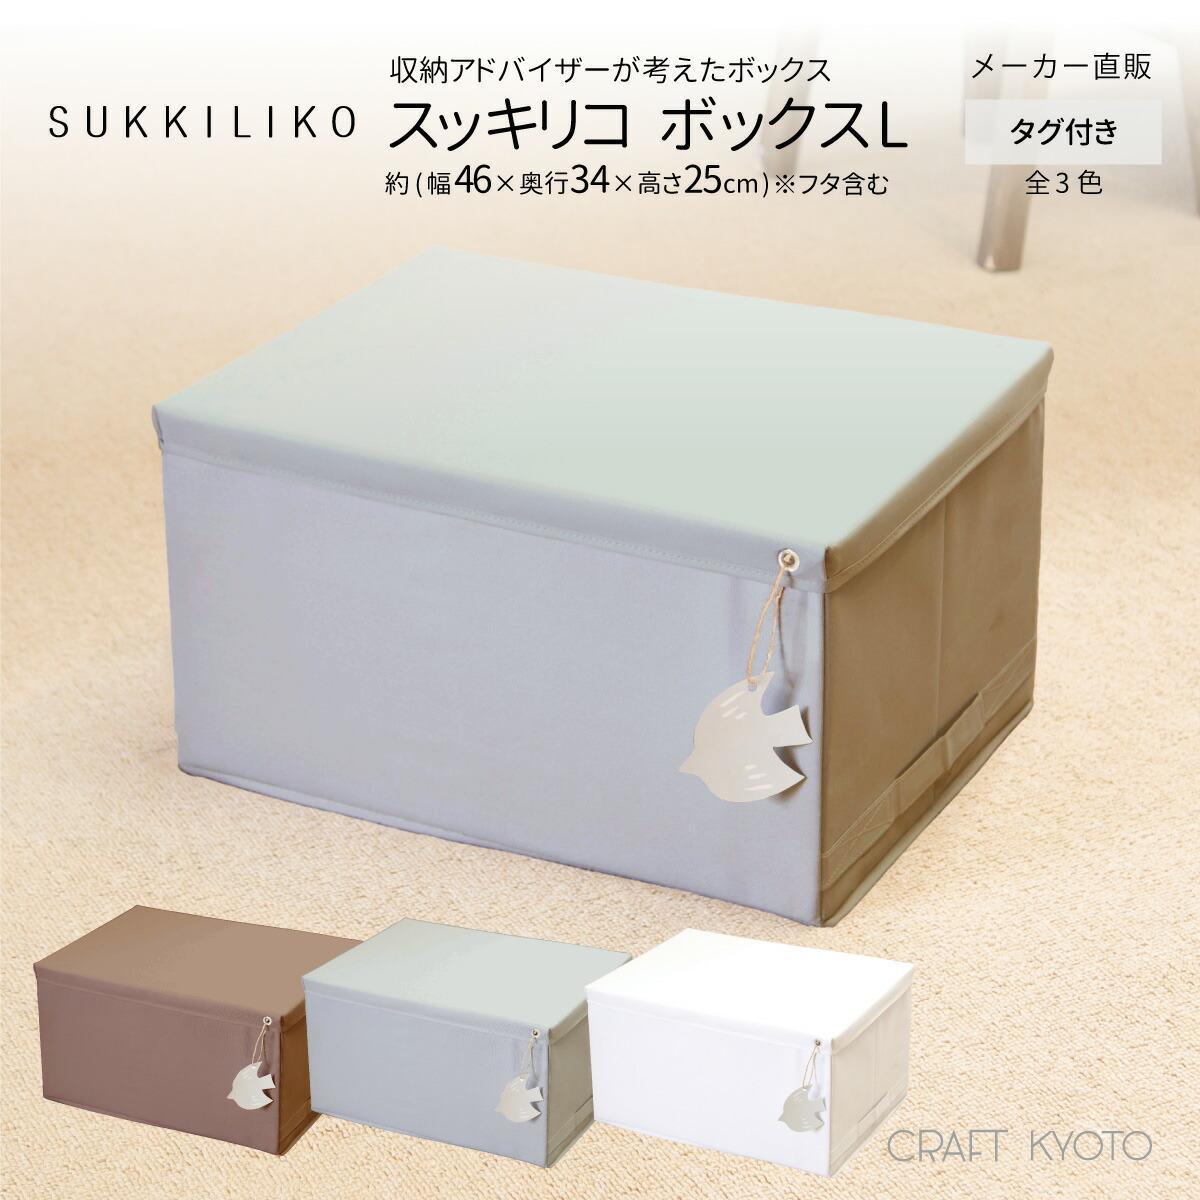 SUKKILIKO スッキリコ ボックス lサイズ